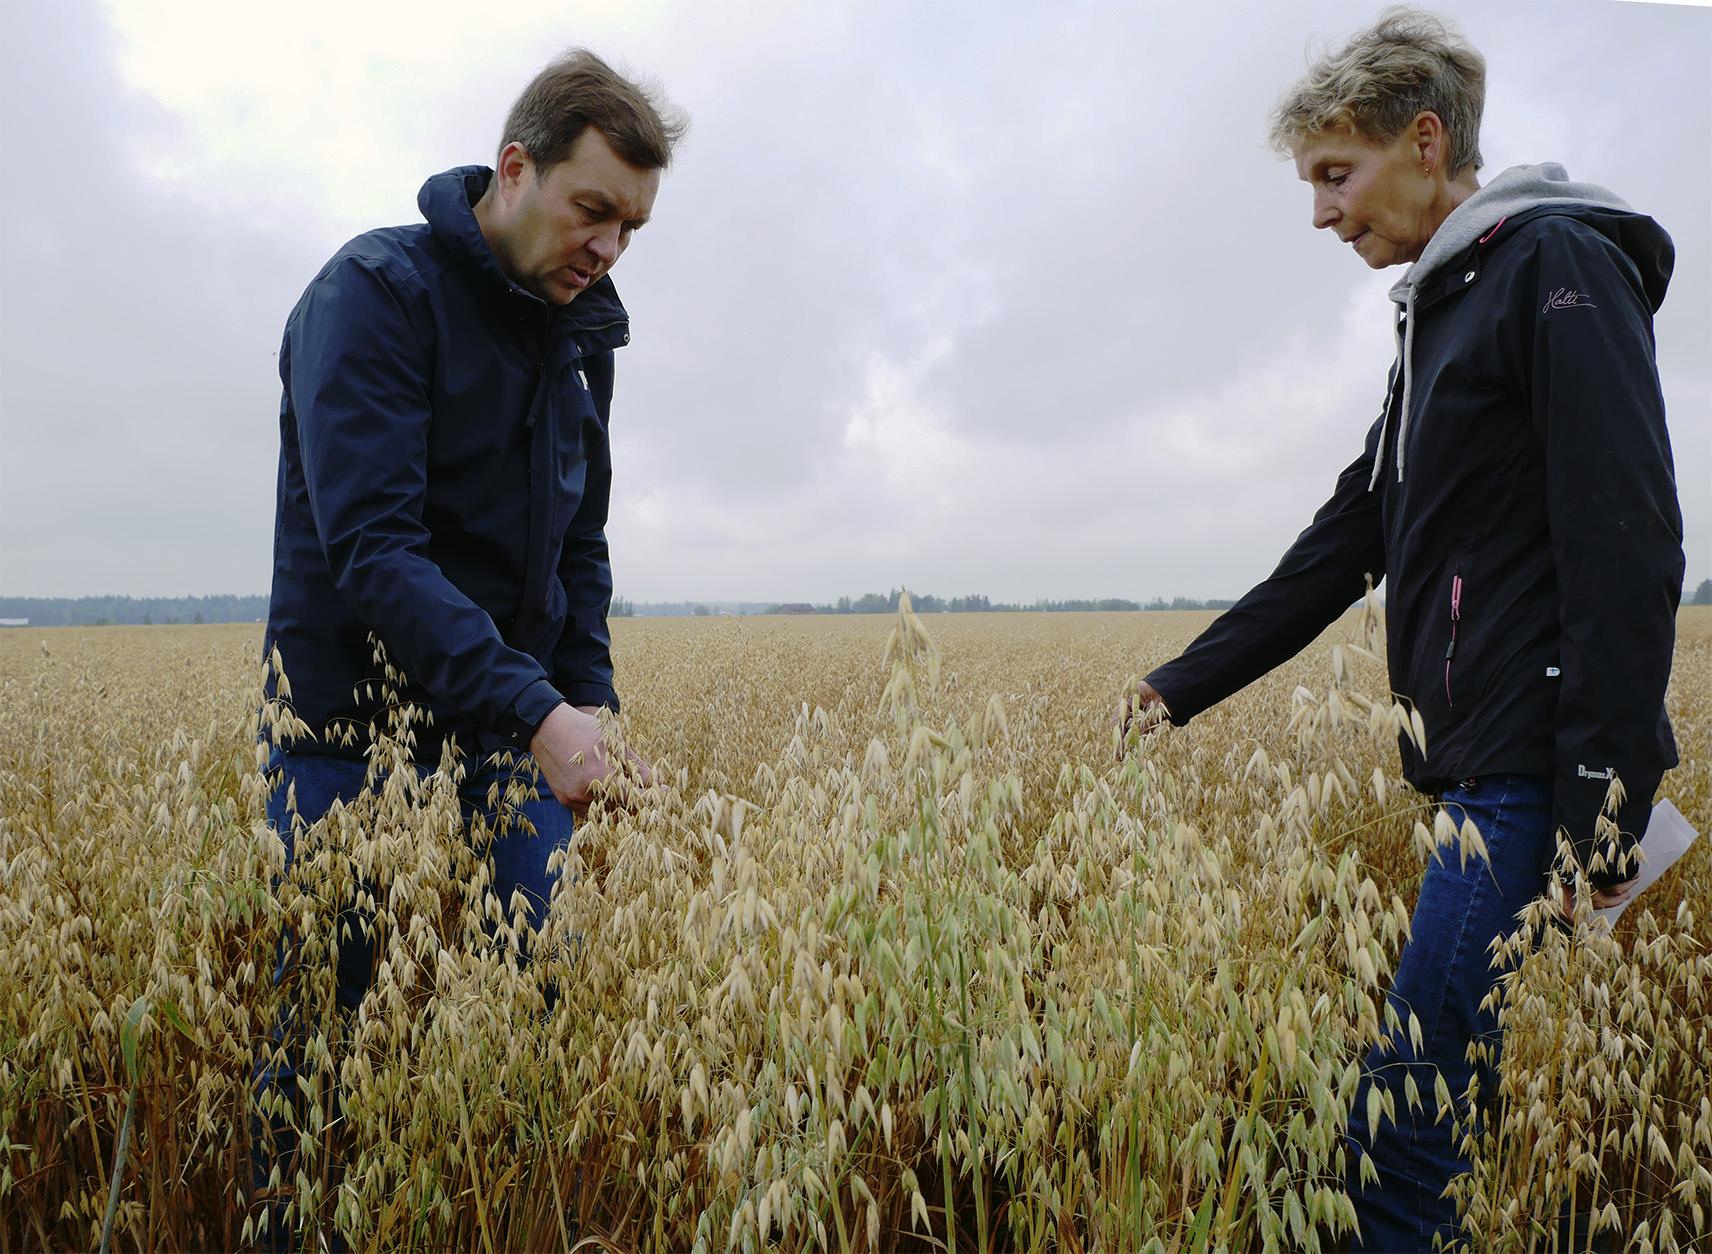 Kuivuudesta huolimatta Donna-kaura on saanut riittävästi kosteutta pensastumisvaiheessa, Tuomas Levomäki ja Leena Pietilä pohtivat.